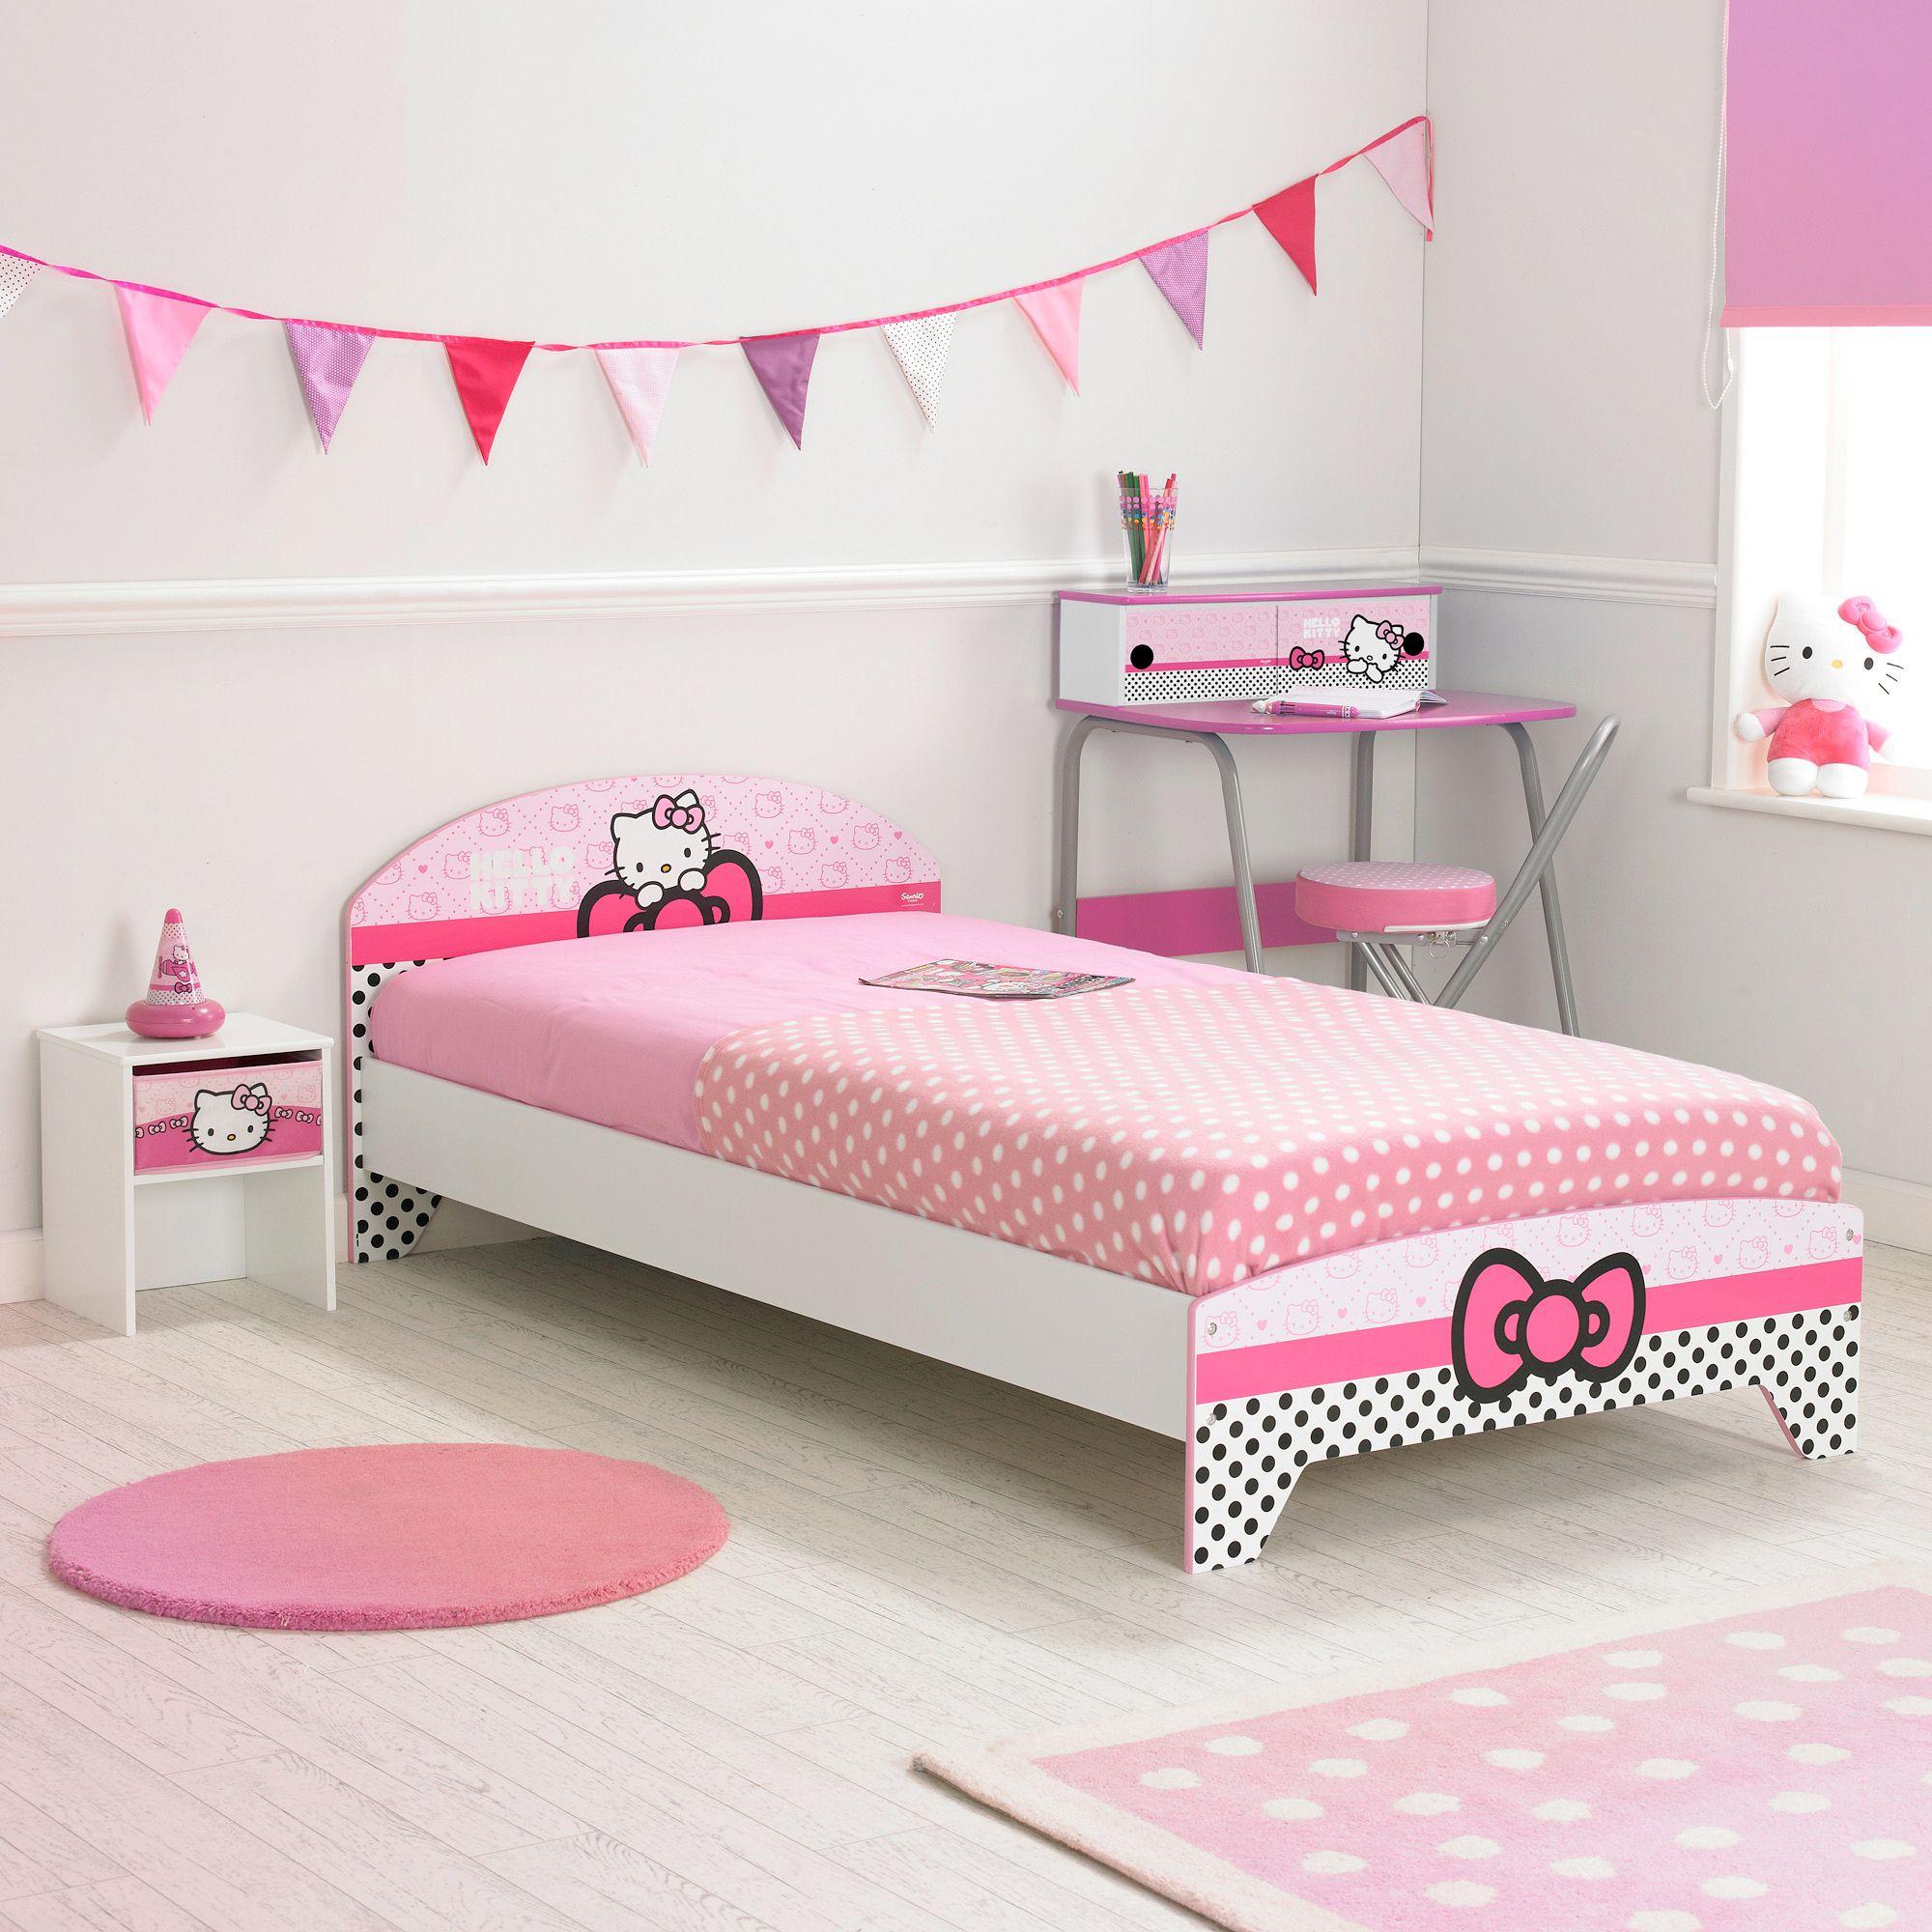 la maison de valerie lit 90 x 190 cm hello kitty prix 125 99 euros la maison de valerie. Black Bedroom Furniture Sets. Home Design Ideas